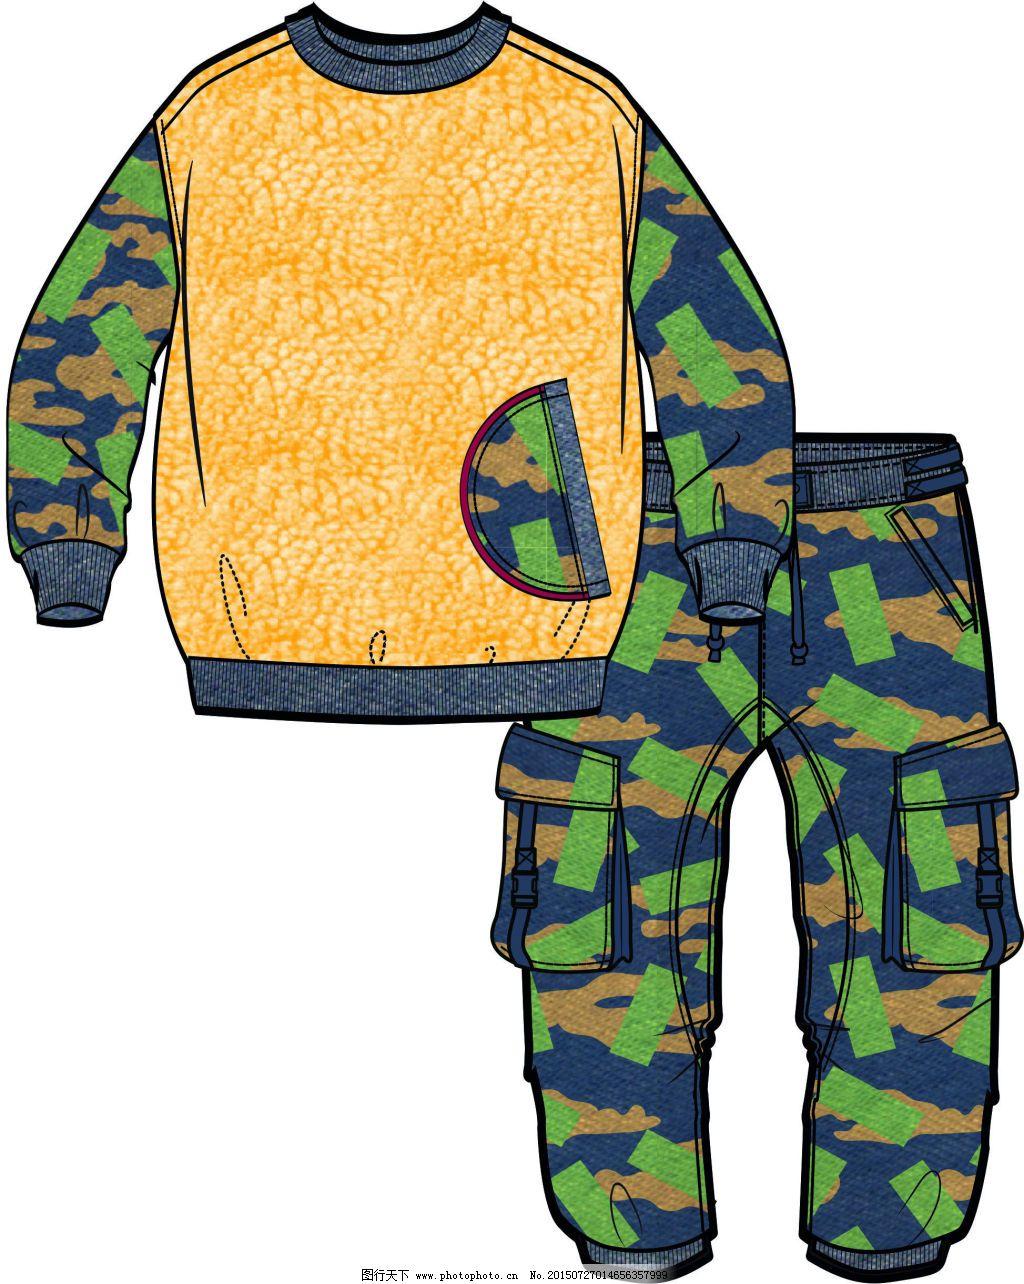 卫衣 手绘款式图cdr